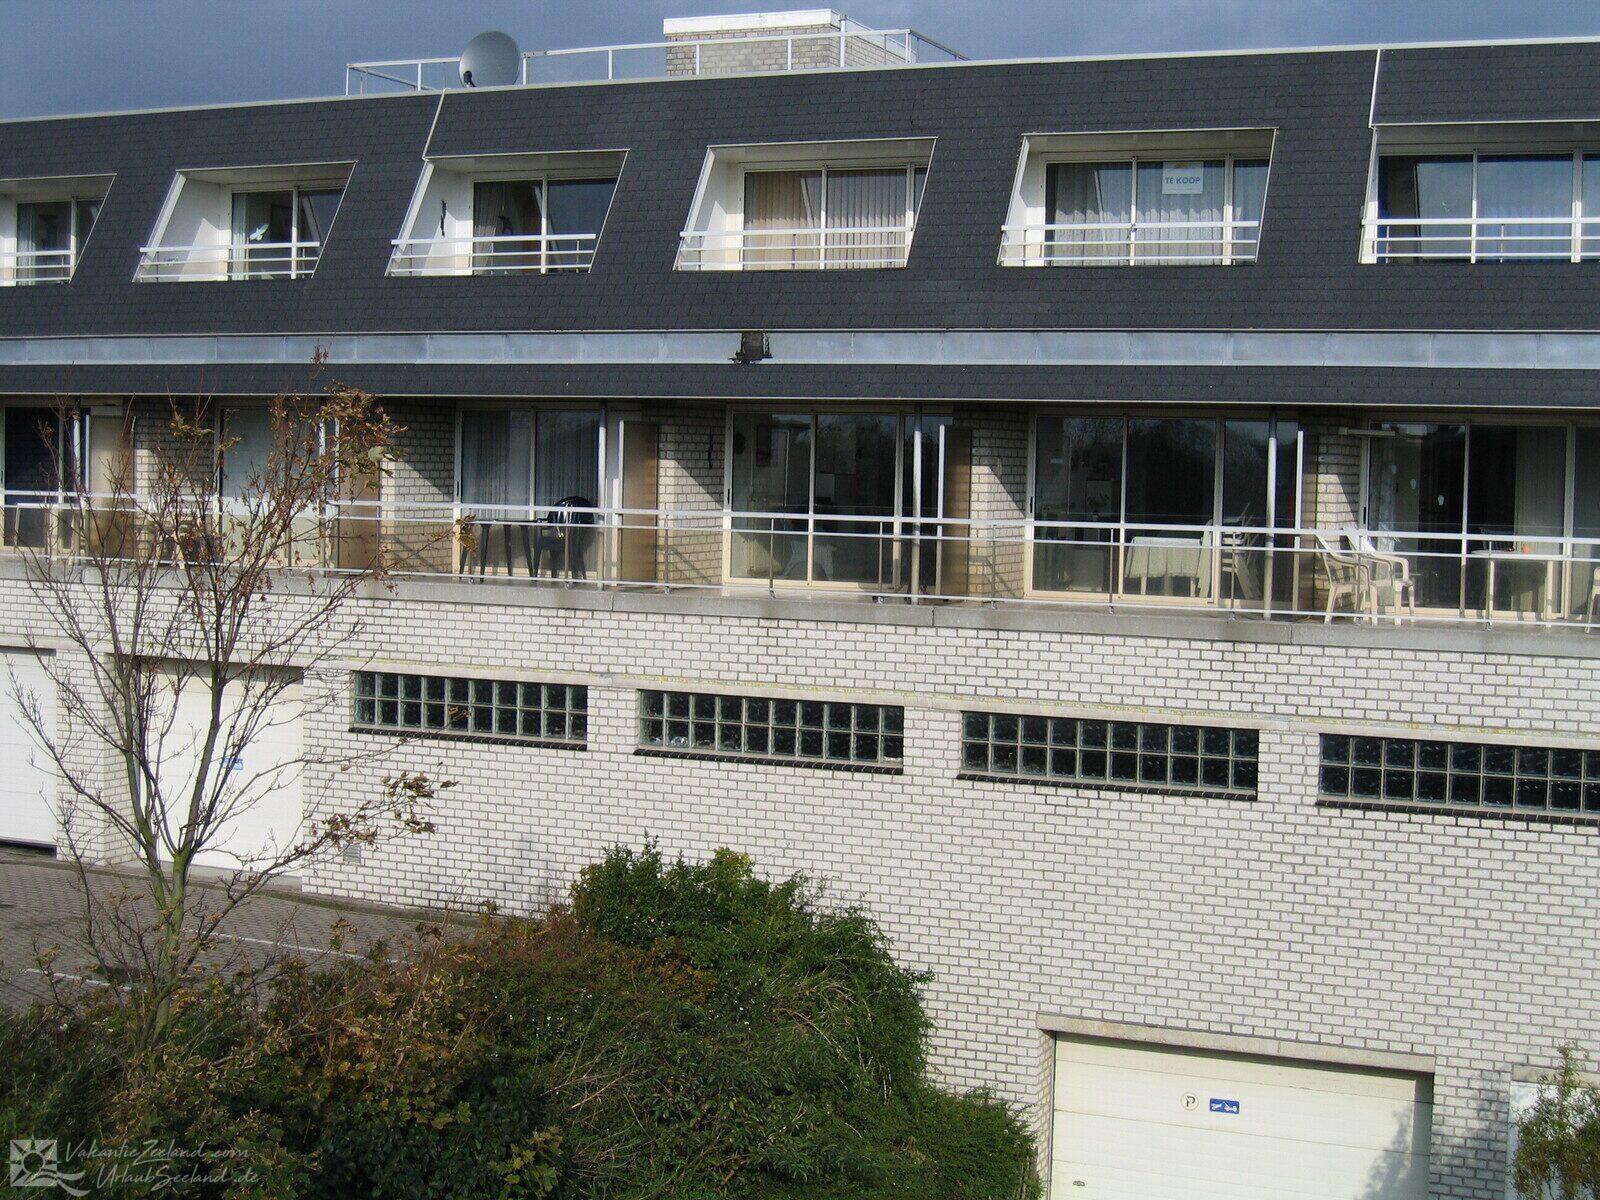 VZ334 Wohnung in Cadzand